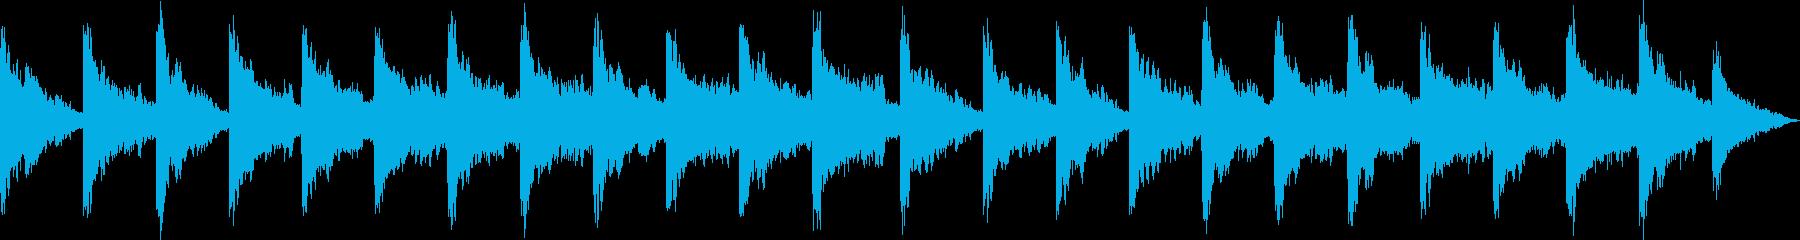 水をイメージしたアンビエントミュージッ…の再生済みの波形